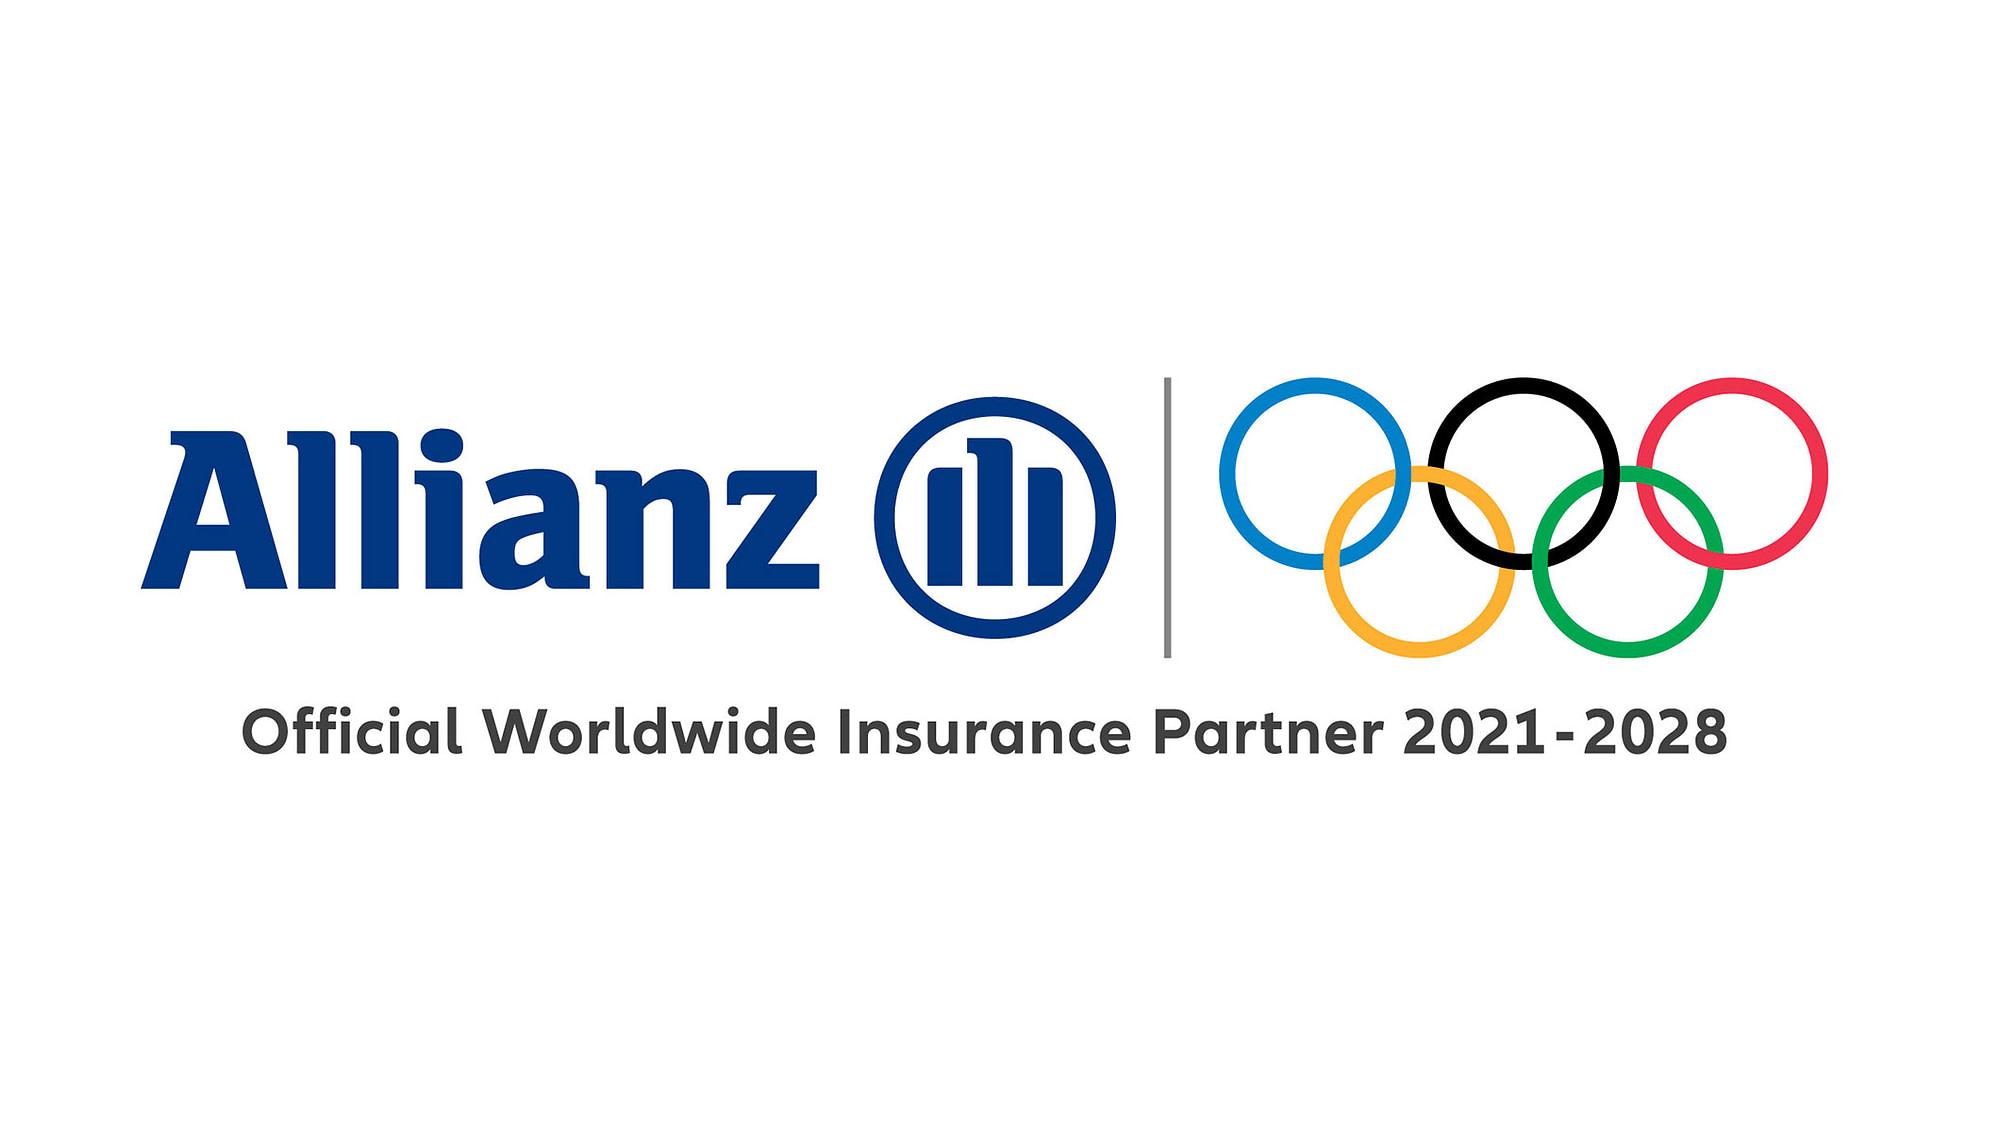 Allianz Assurances est partenaire mondial des Jeux Olympiques et Paralympiques de 2021 à 2028.